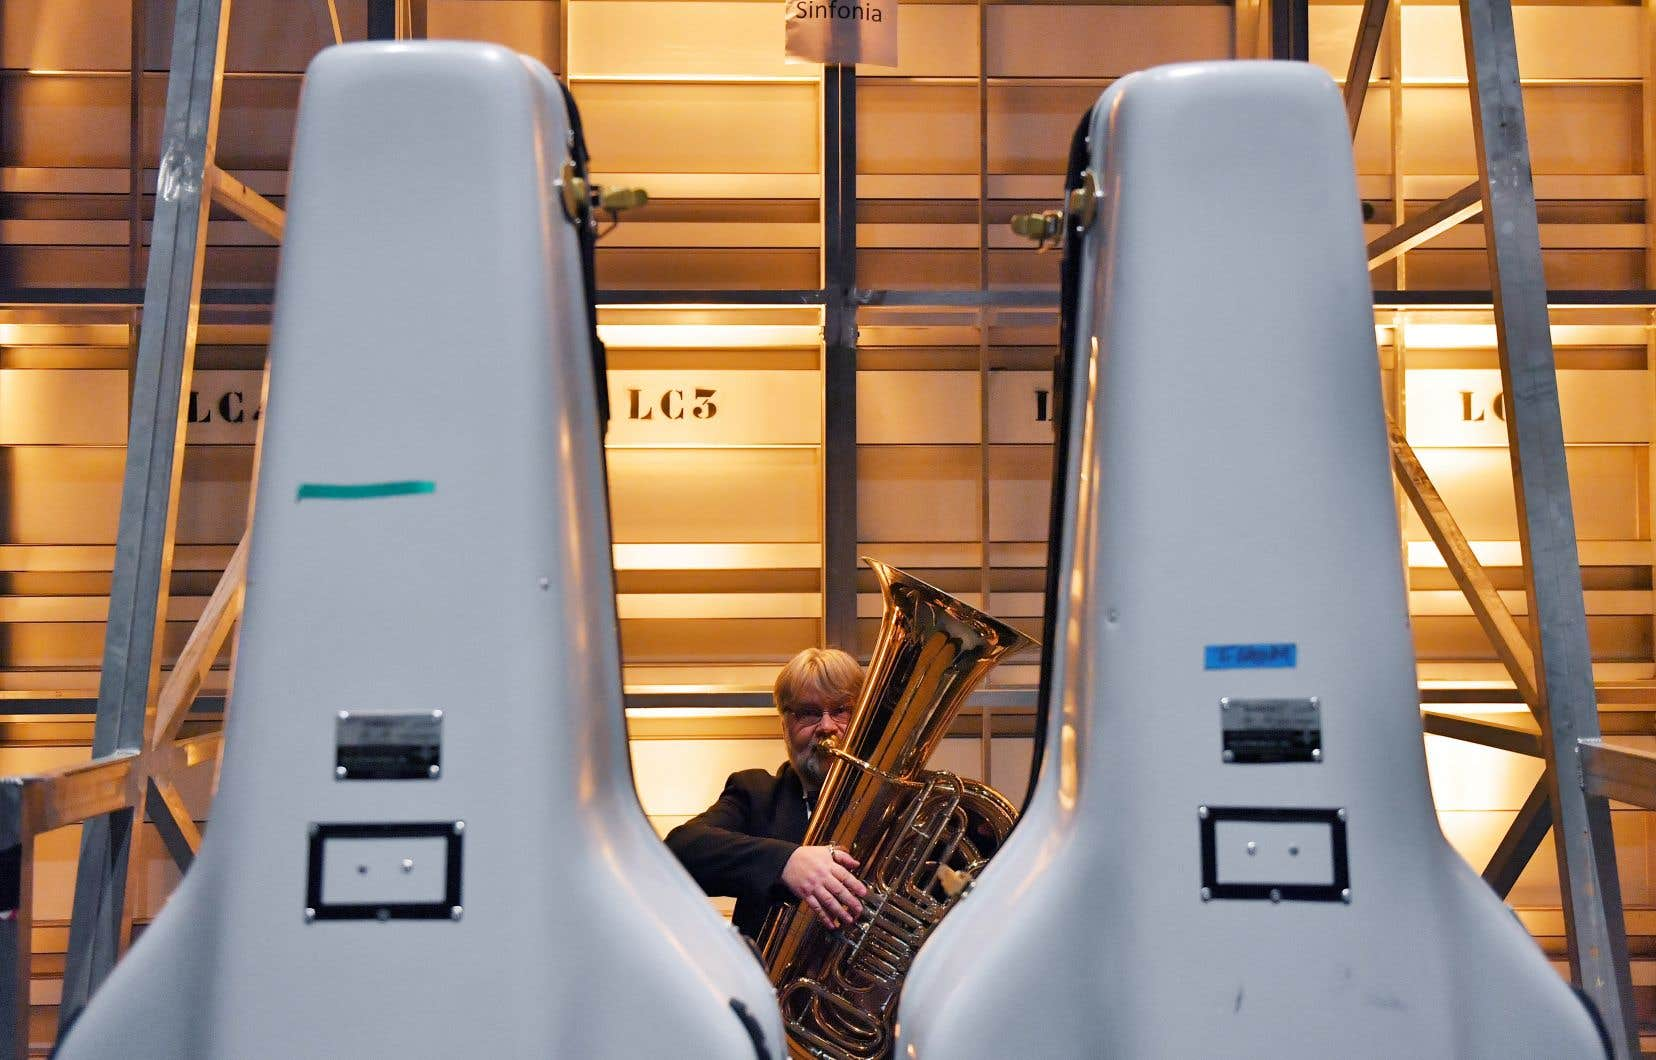 Un rapport berlinois préconise des distanciations différenciées selon les groupes d'instruments: 1,5 mètre entre les instrumentistes à cordes, percussionnistes, harpes et instruments à clavier, et 2 mètres pour les vents.